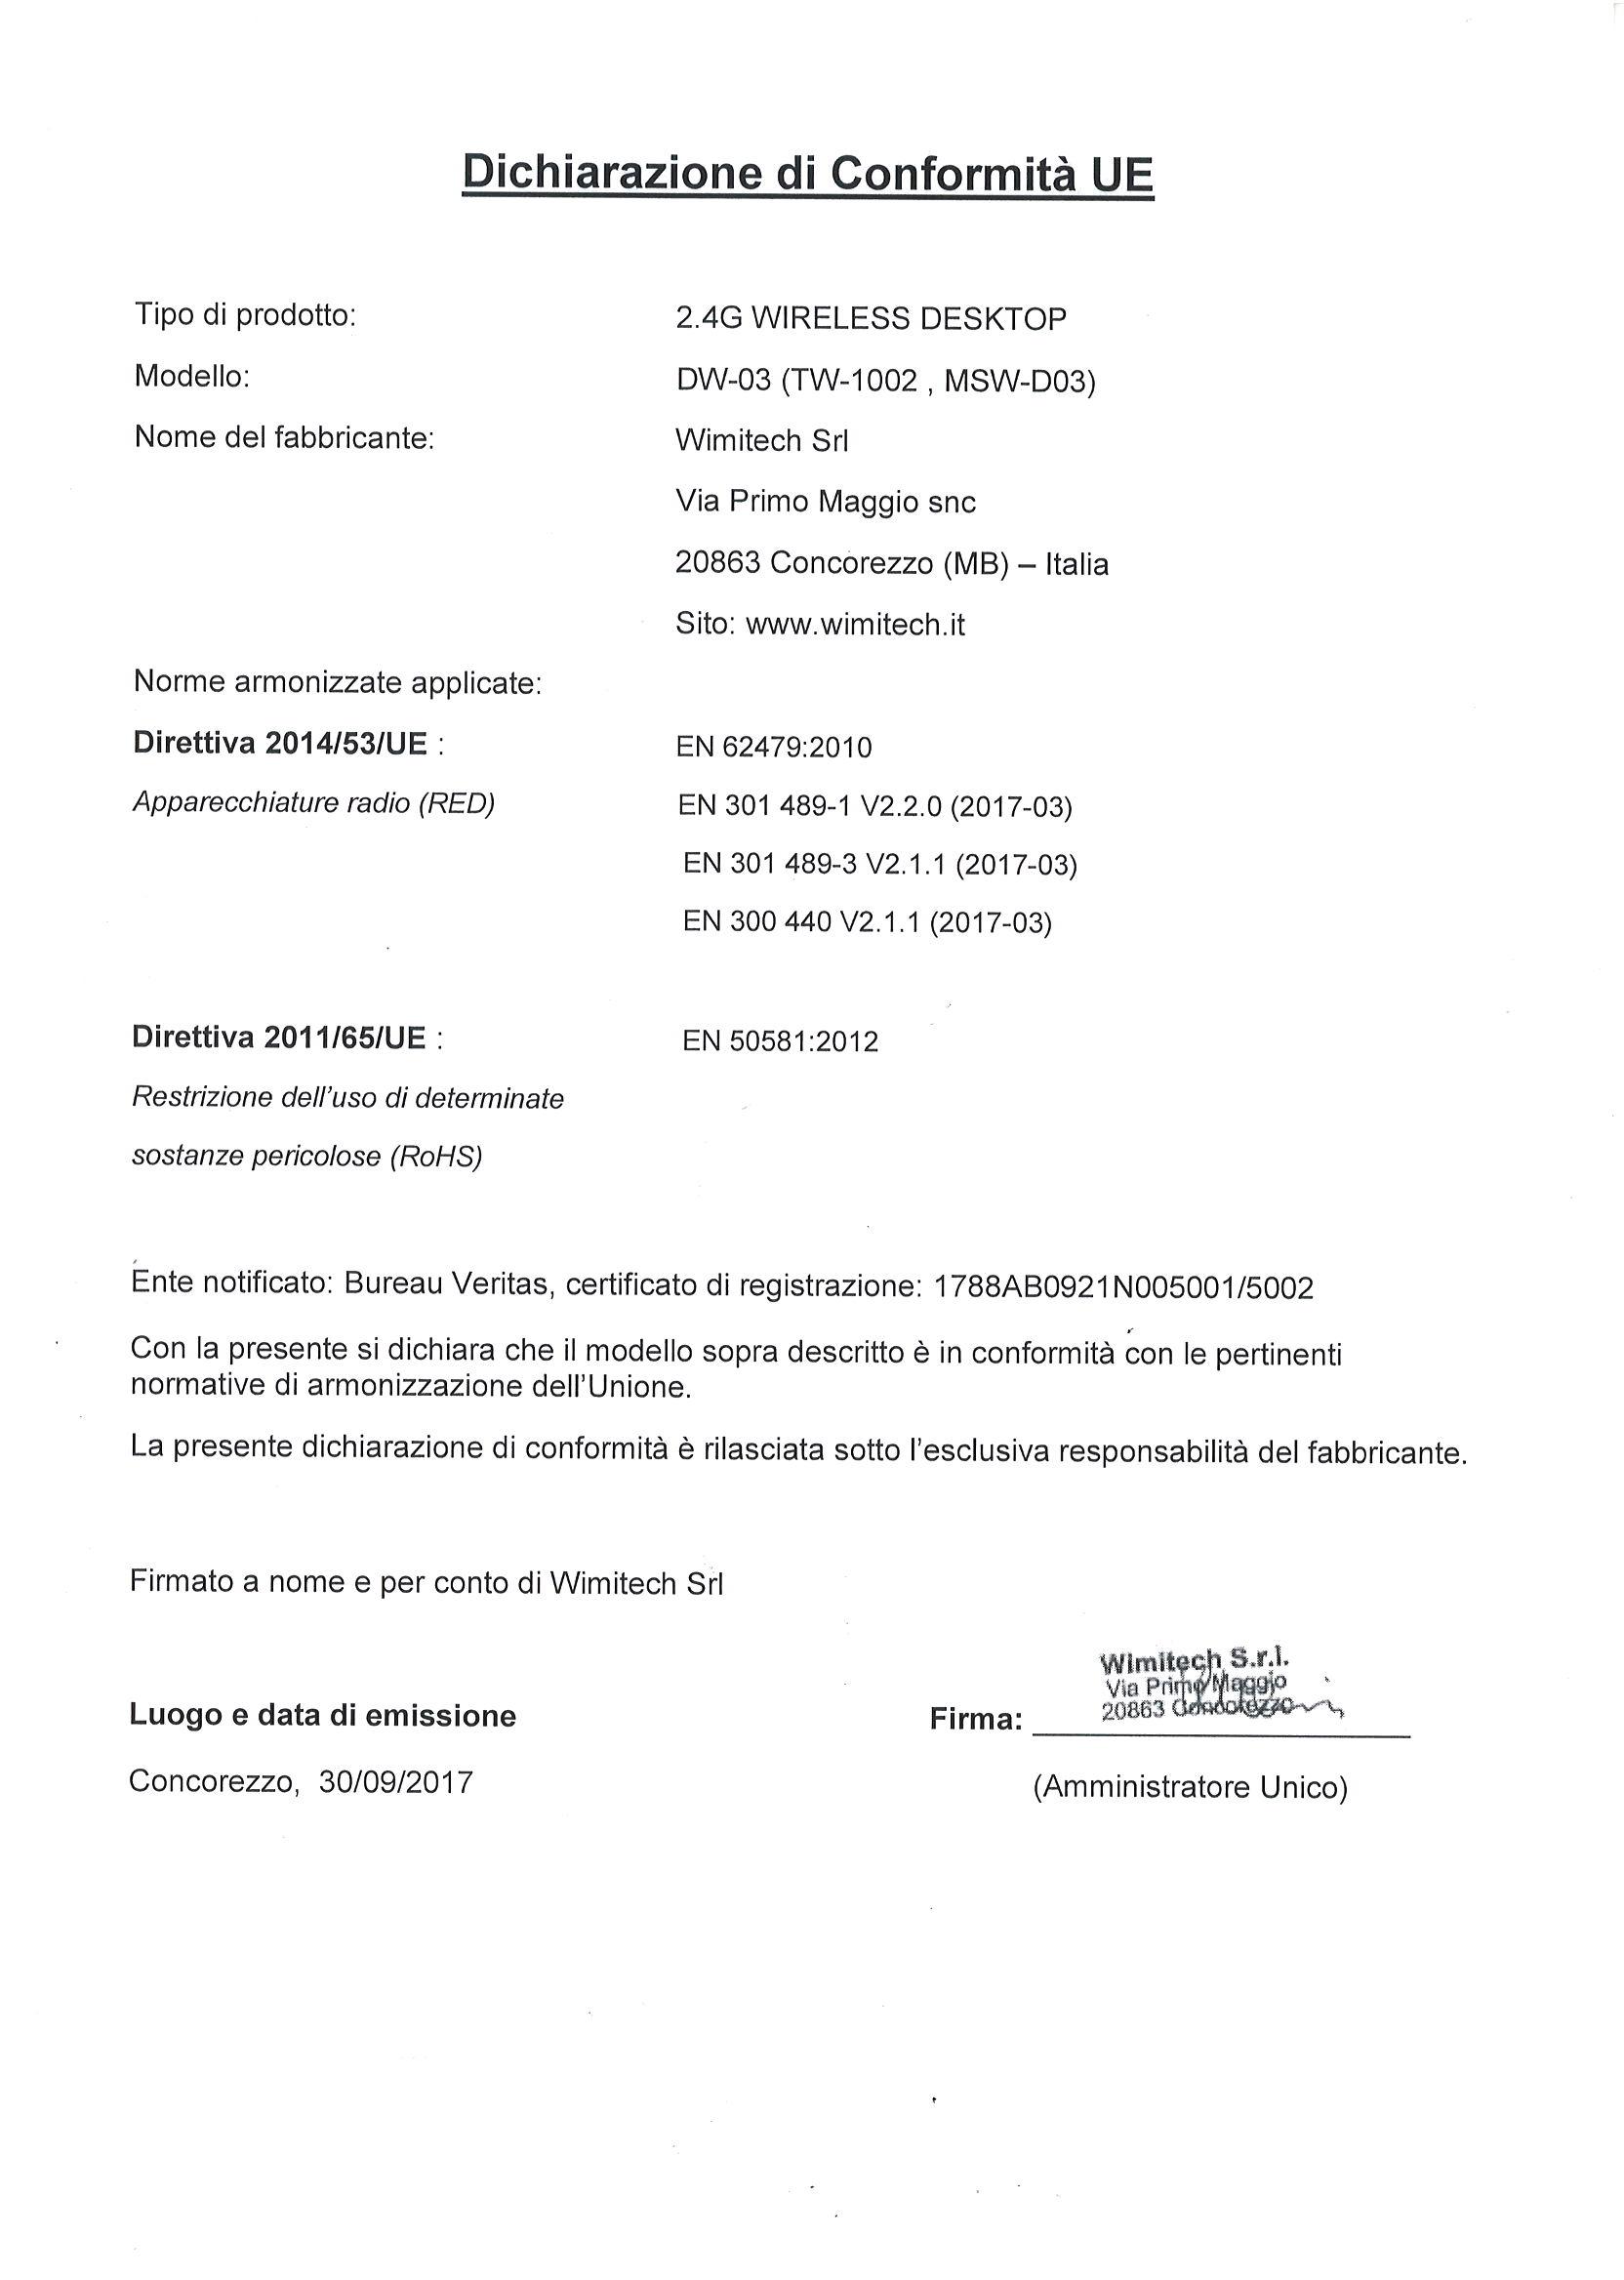 dichiarazione di conformita DW-03